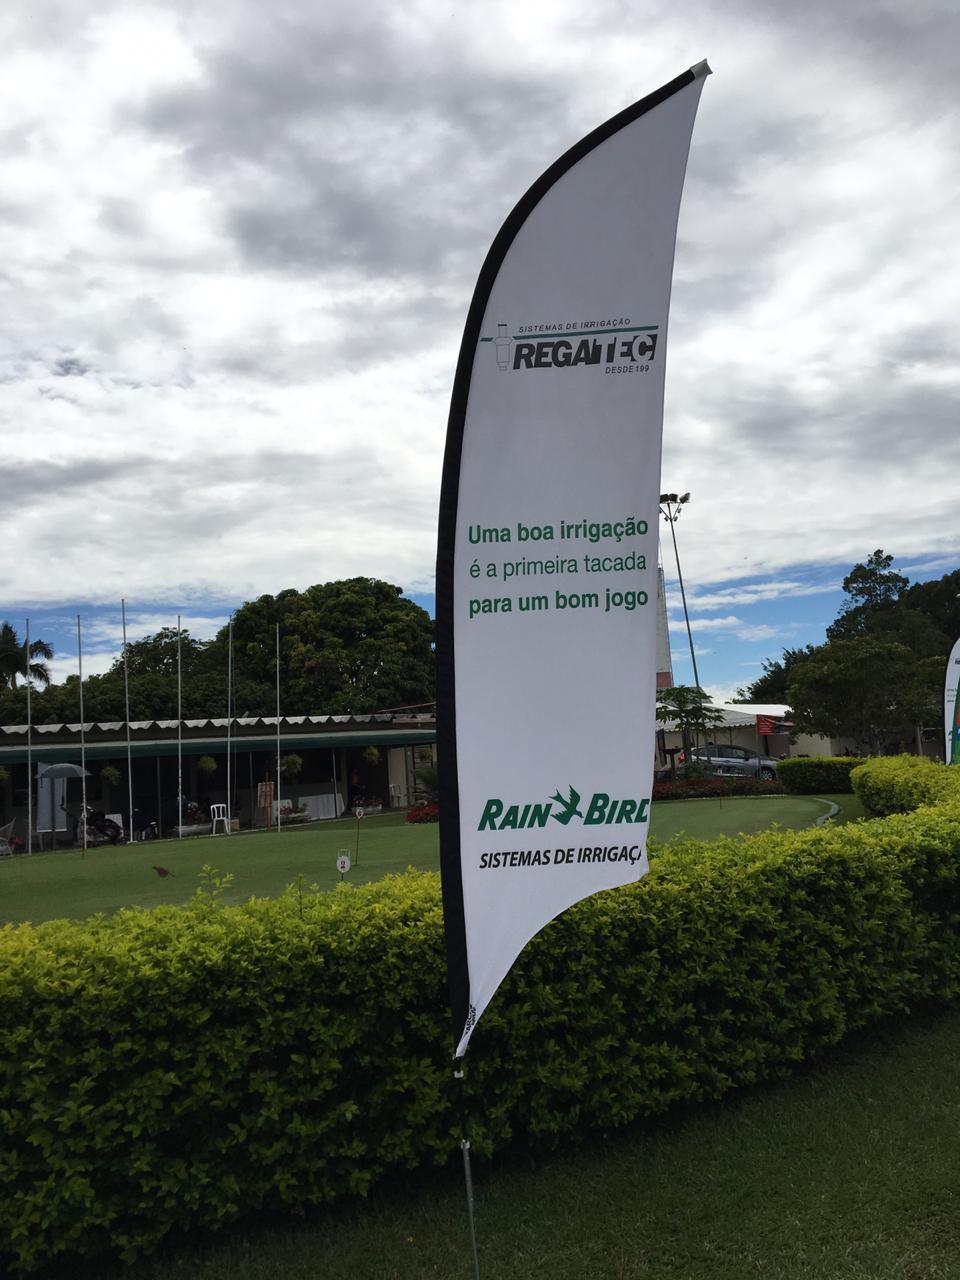 Regatec promove a inclusão social em torneio de golfe adaptado